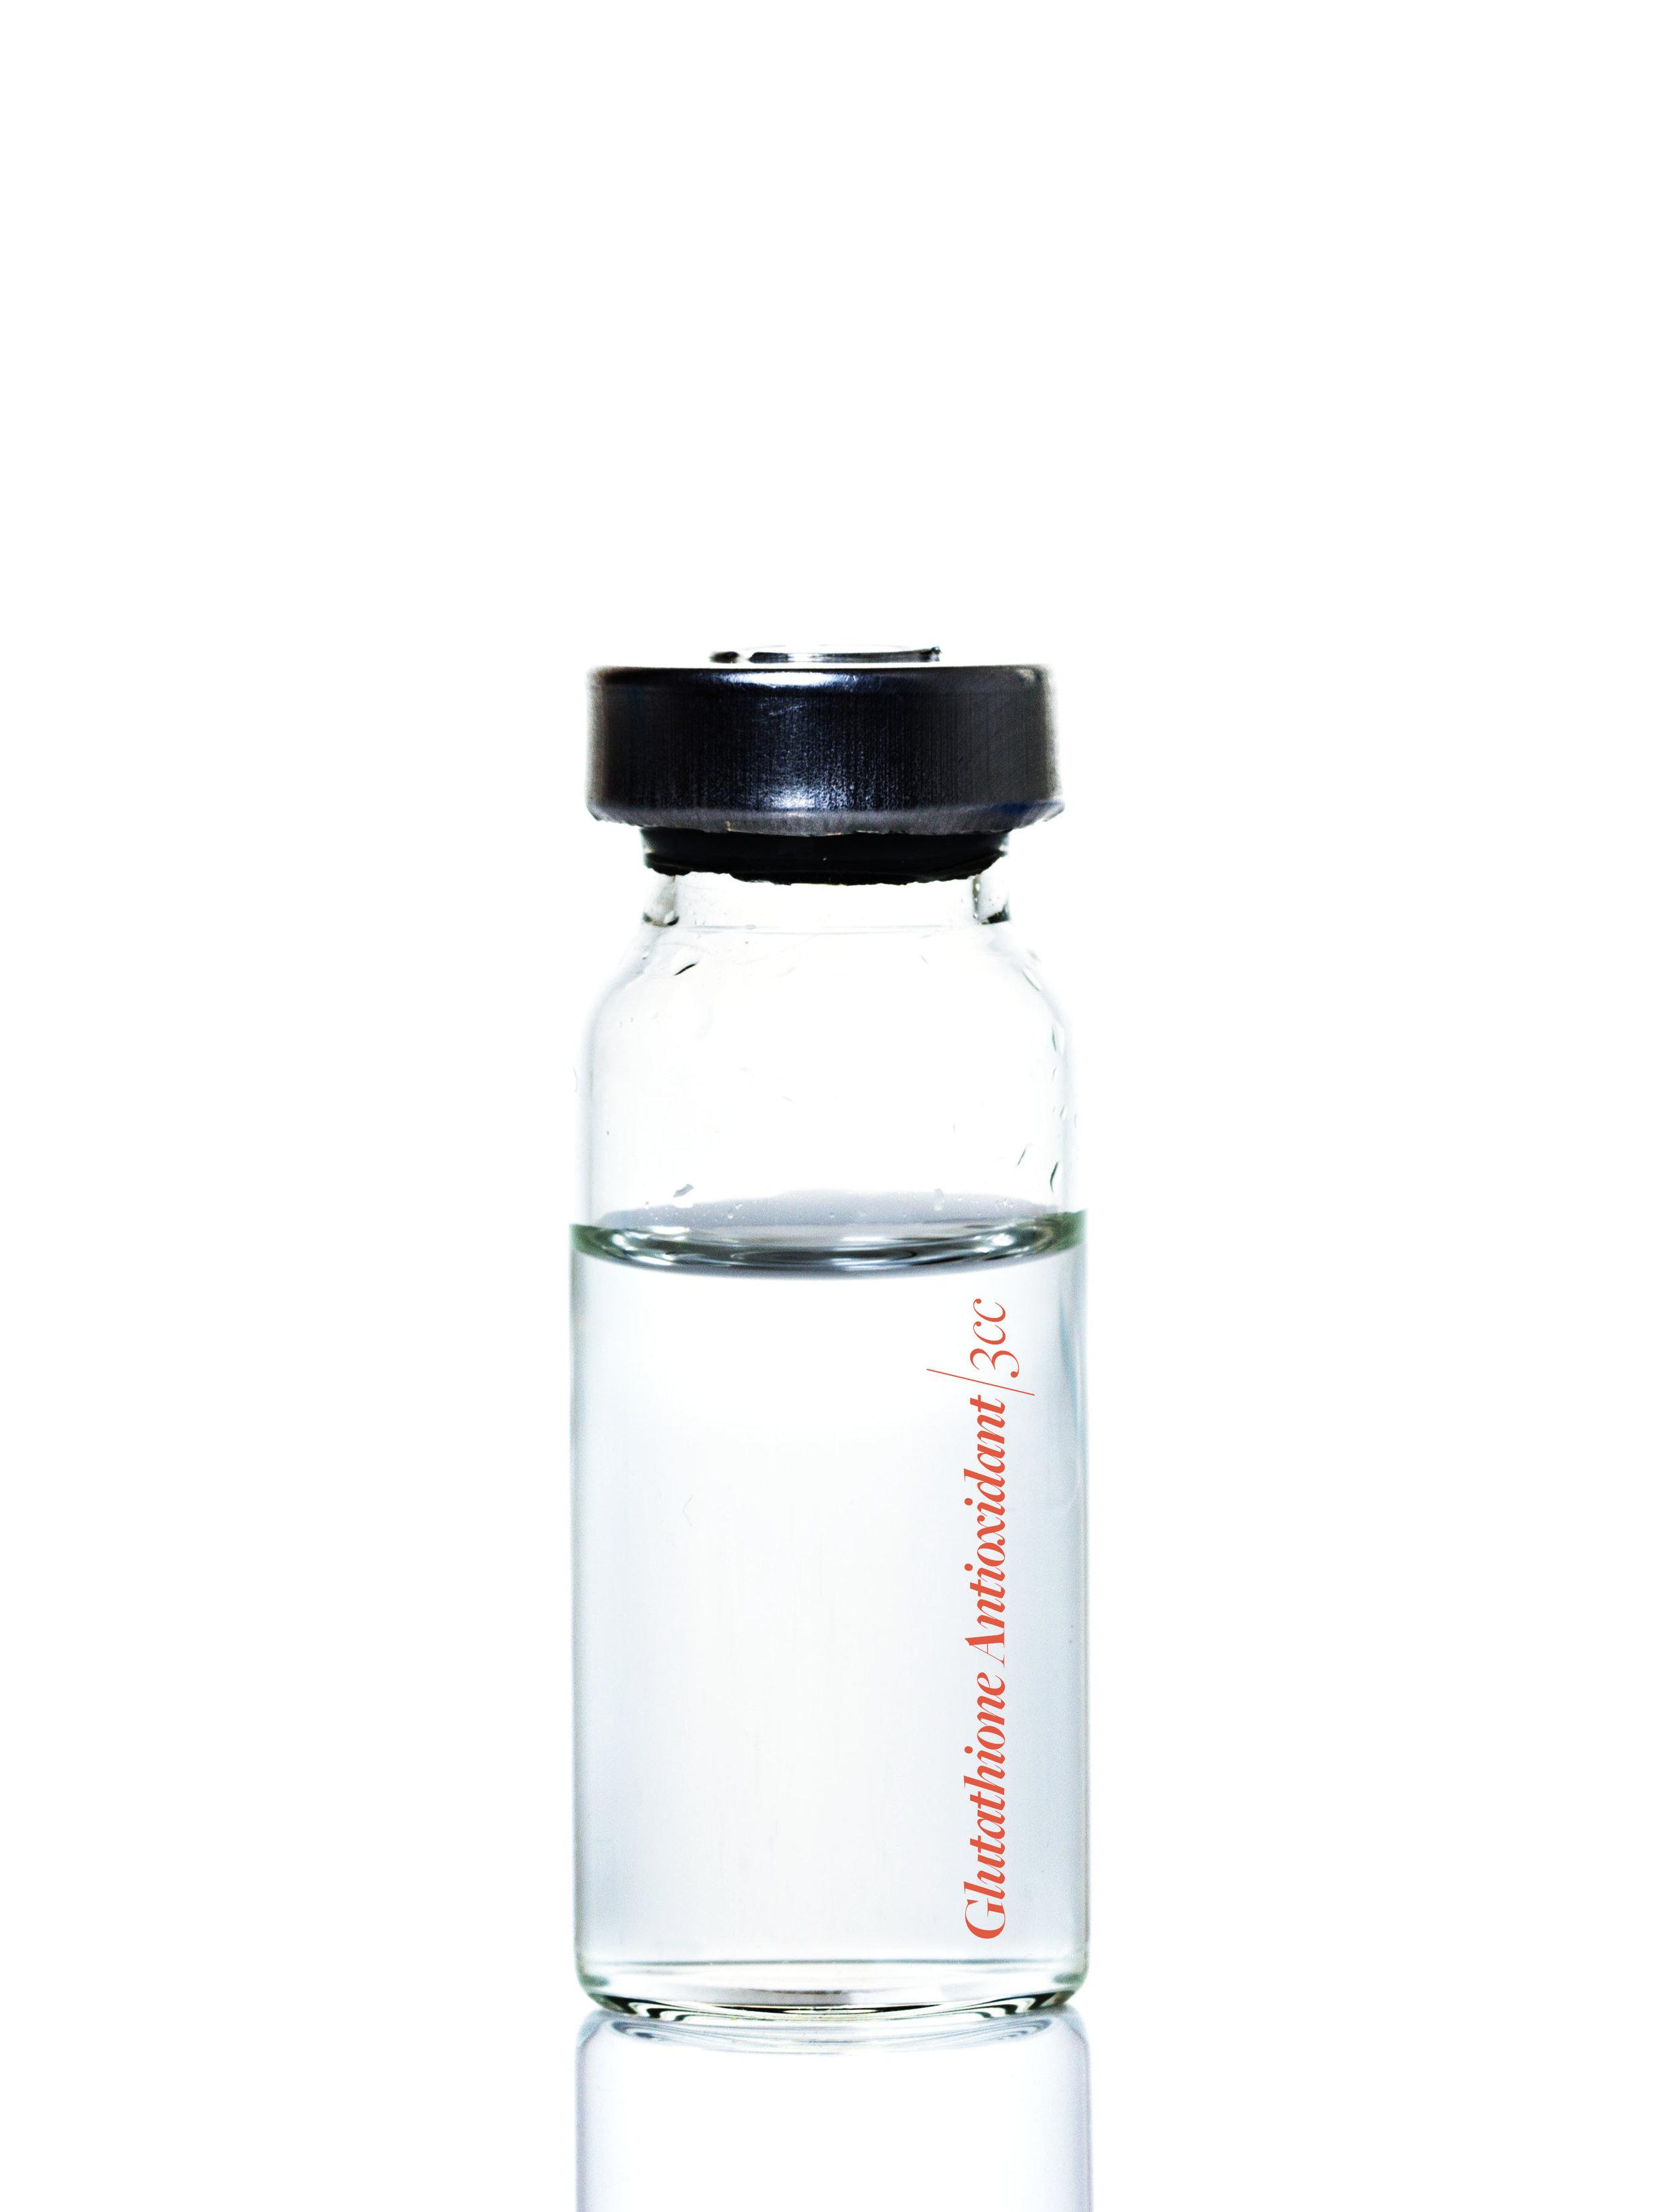 Glutathione Antioxidant Boost $35 - 3cc